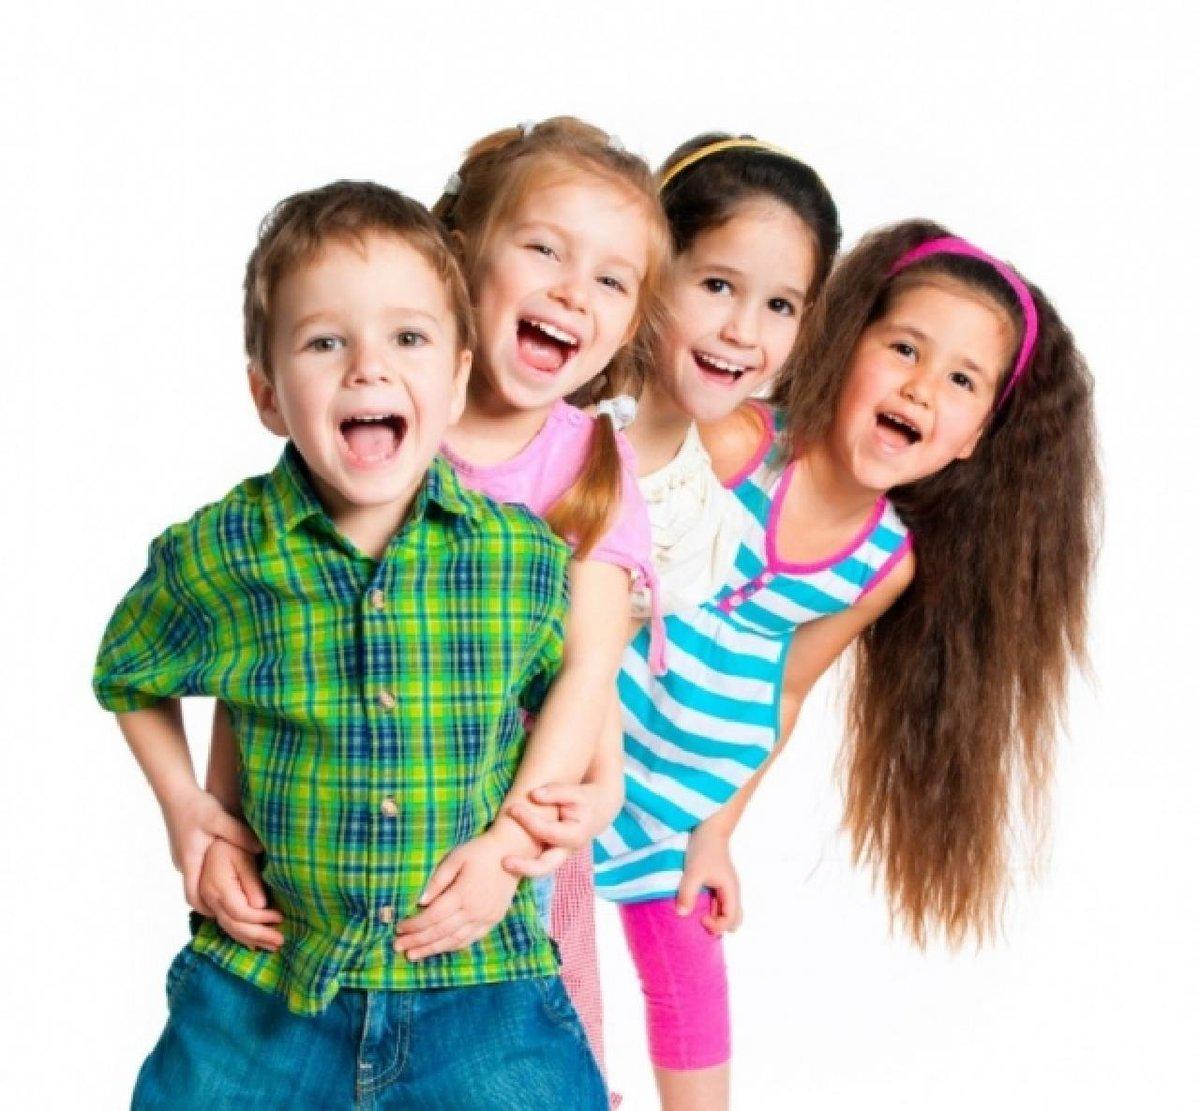 Дети веселые картинки